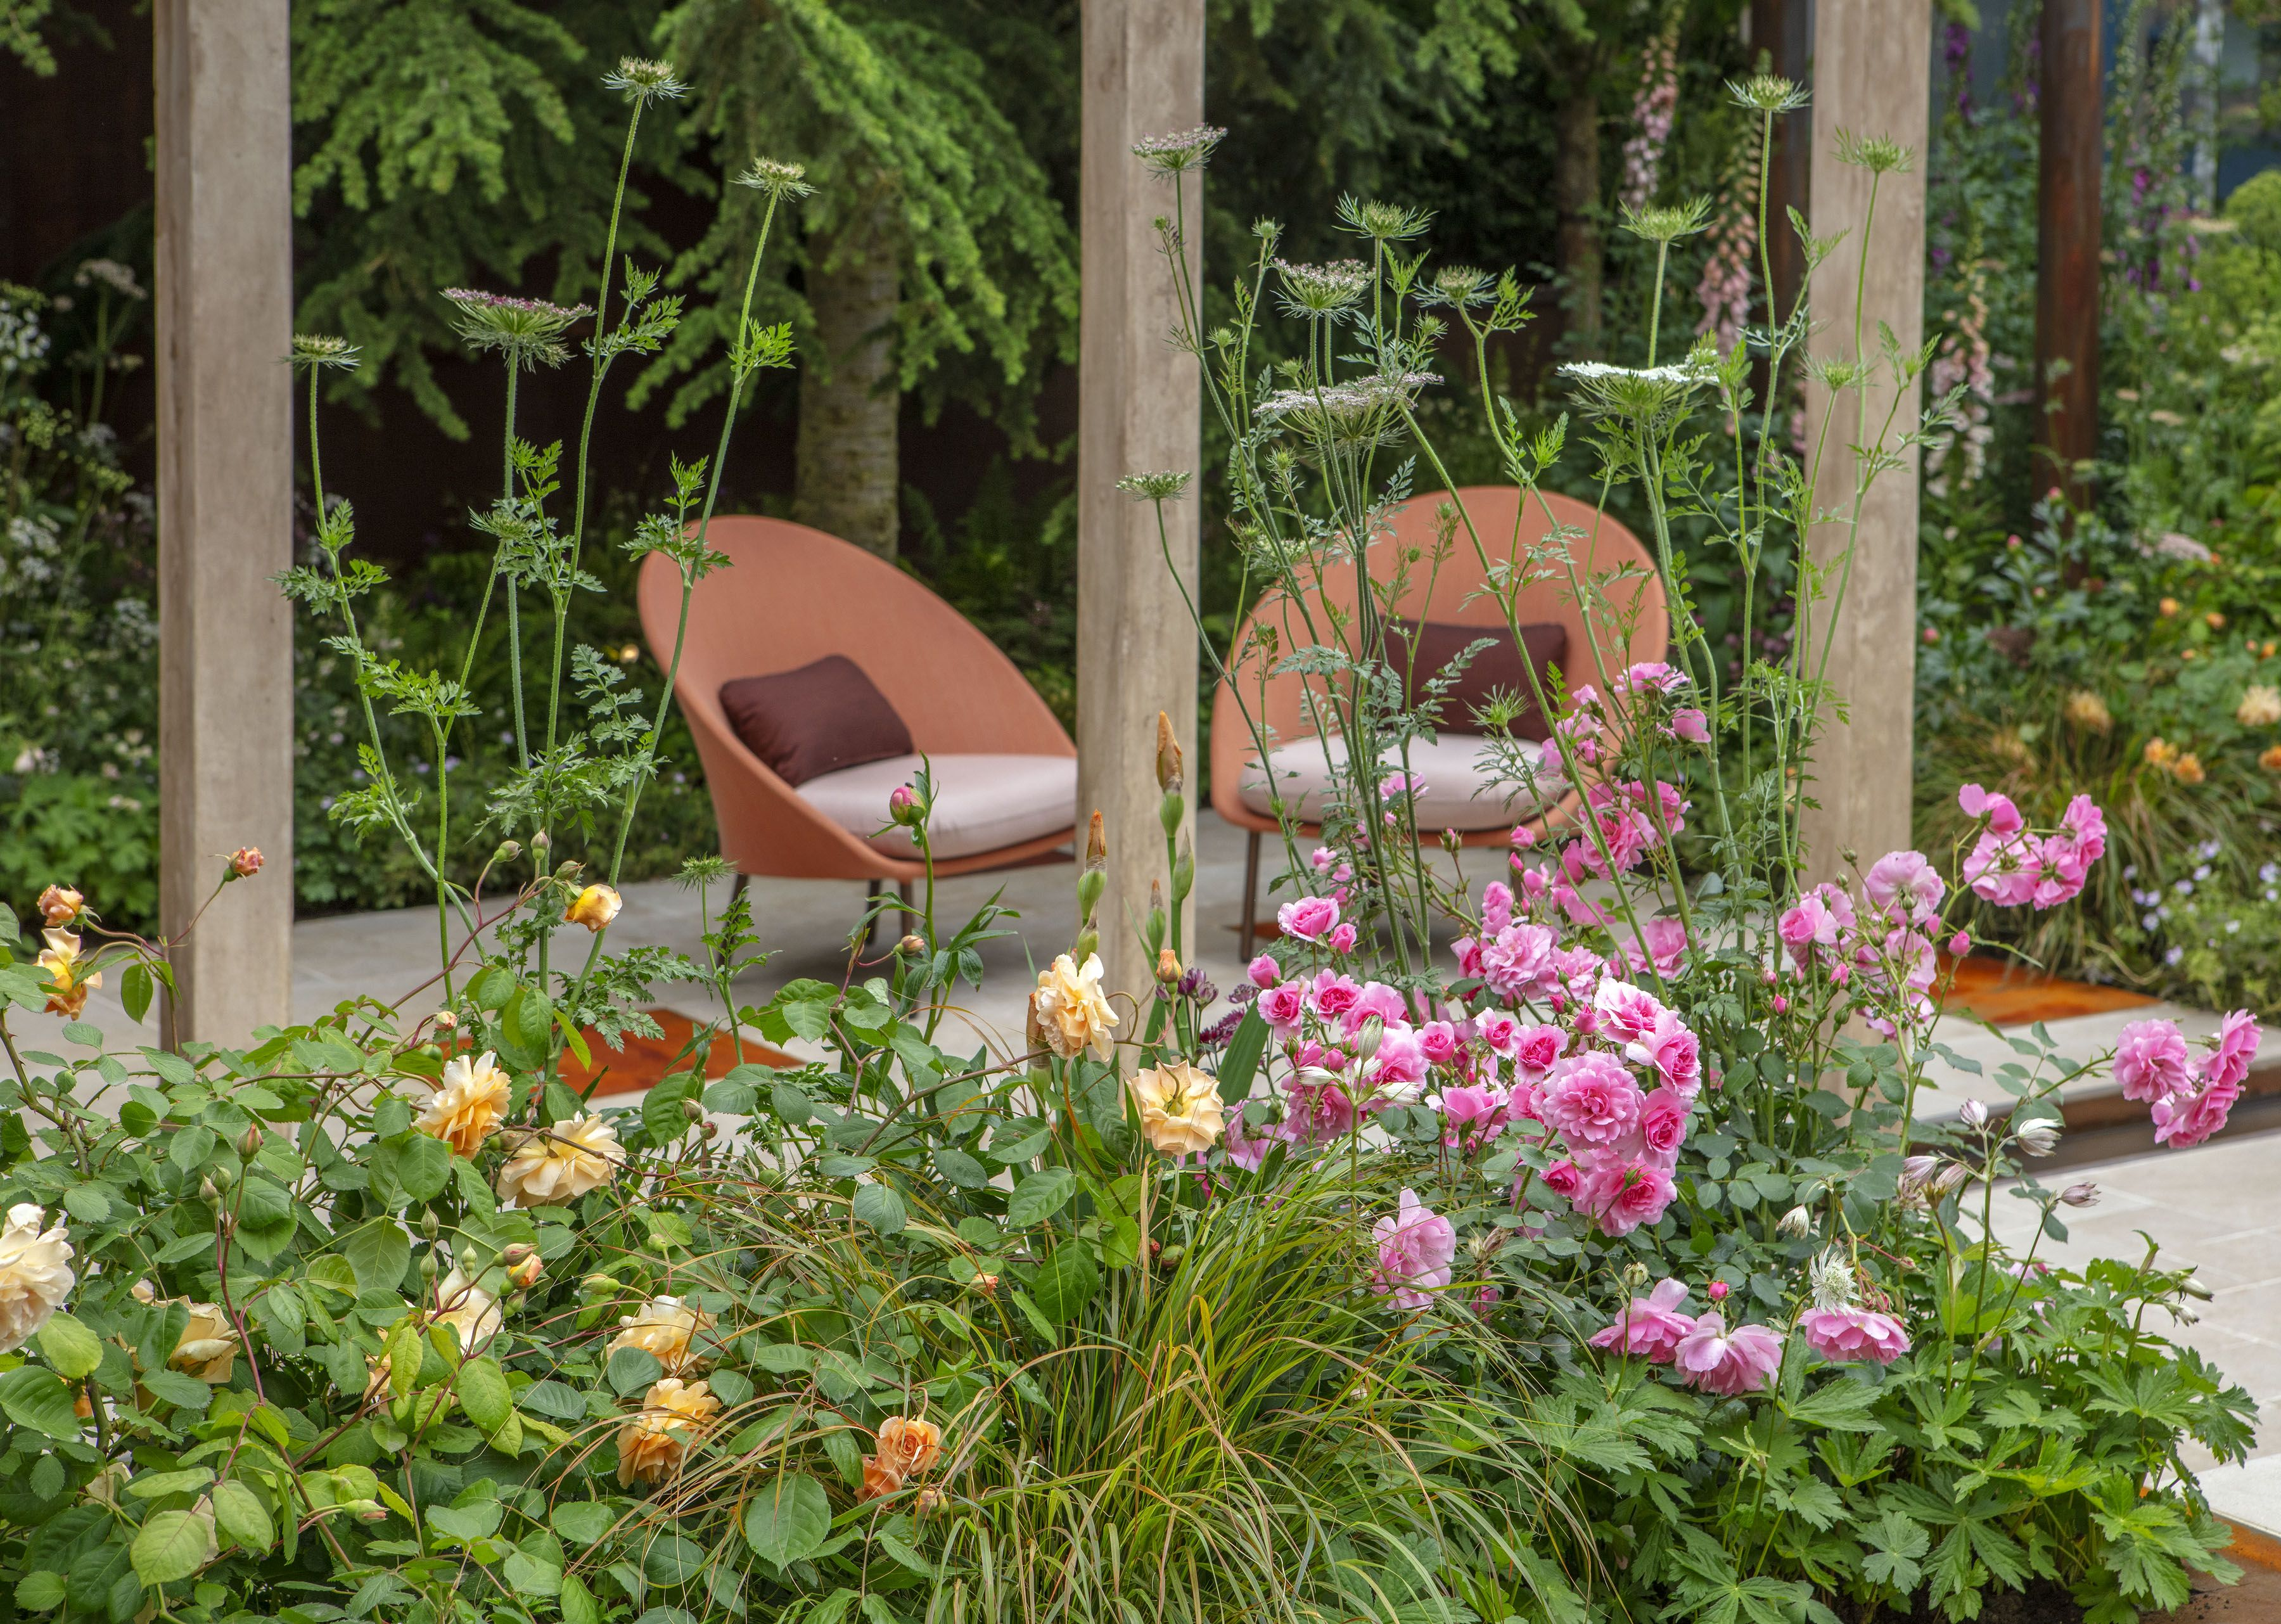 The Wedgwood Garden Rhs Chelsea Flower Show 2019 Jo Thompson